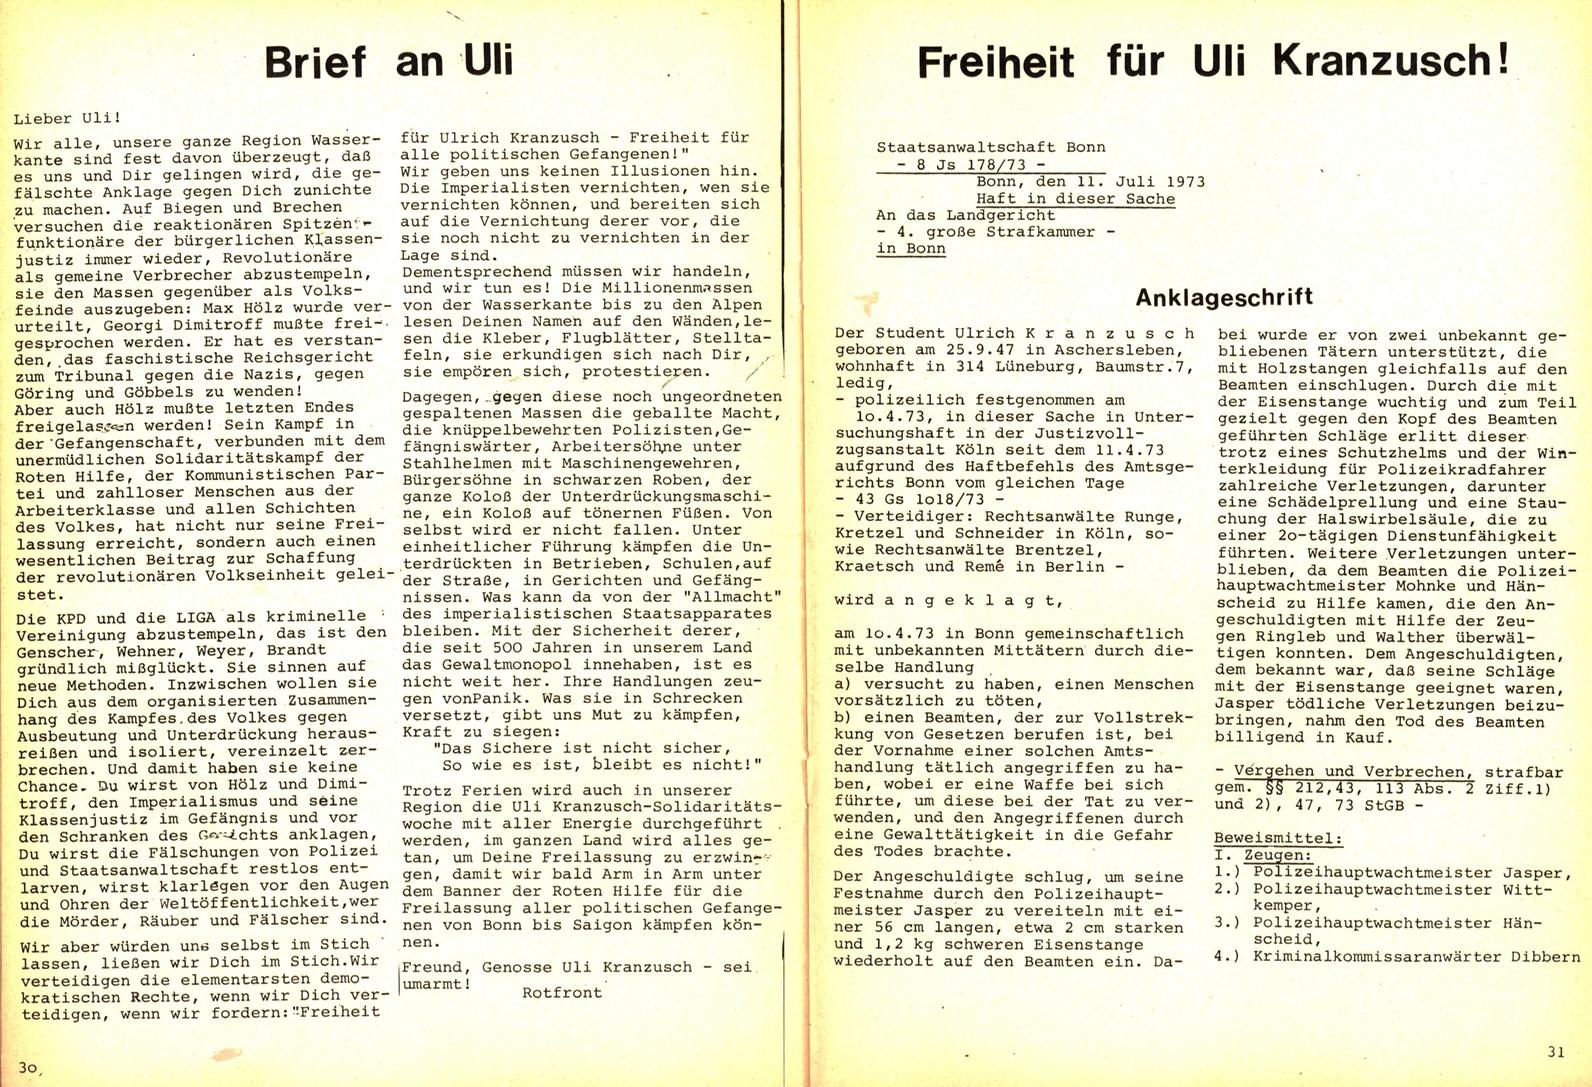 Komitee_Haende_weg_von_der_KPD_1973_Freiheit_fuer_Uli_Kranzusch_17